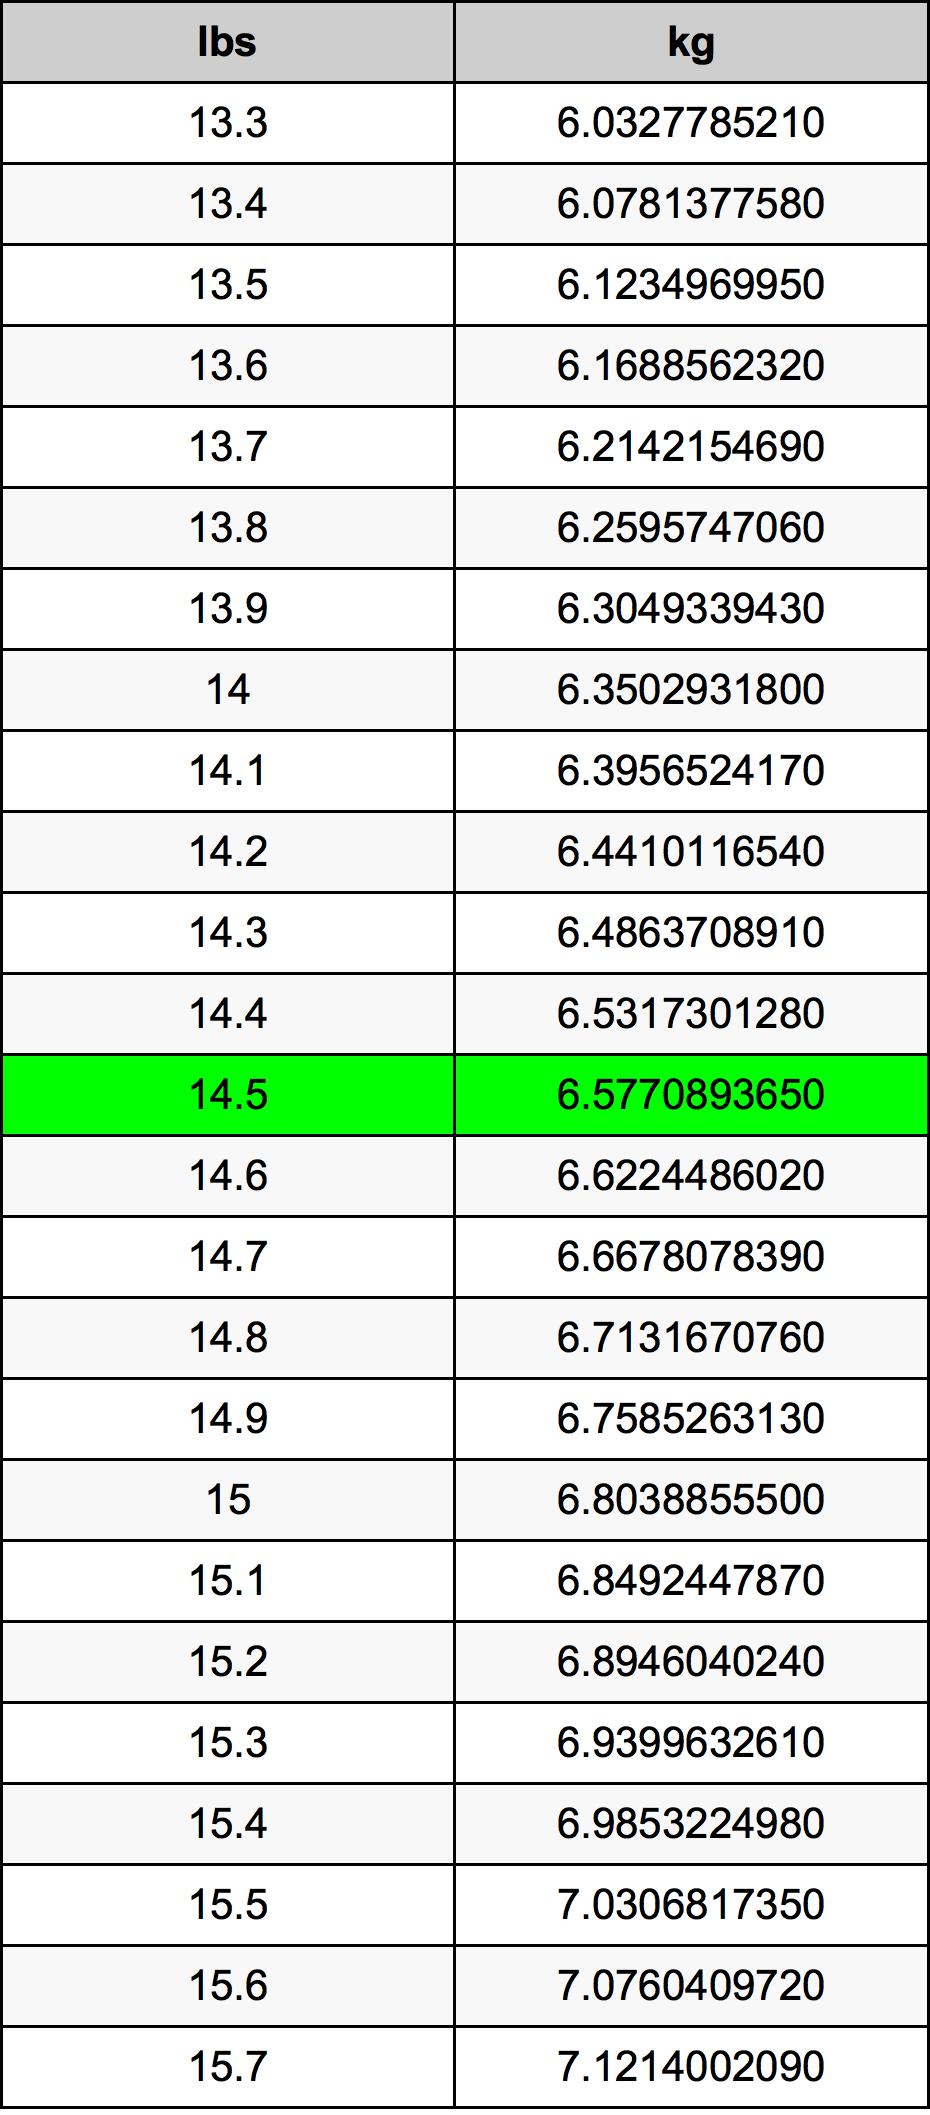 14.5 livră tabelul de conversie